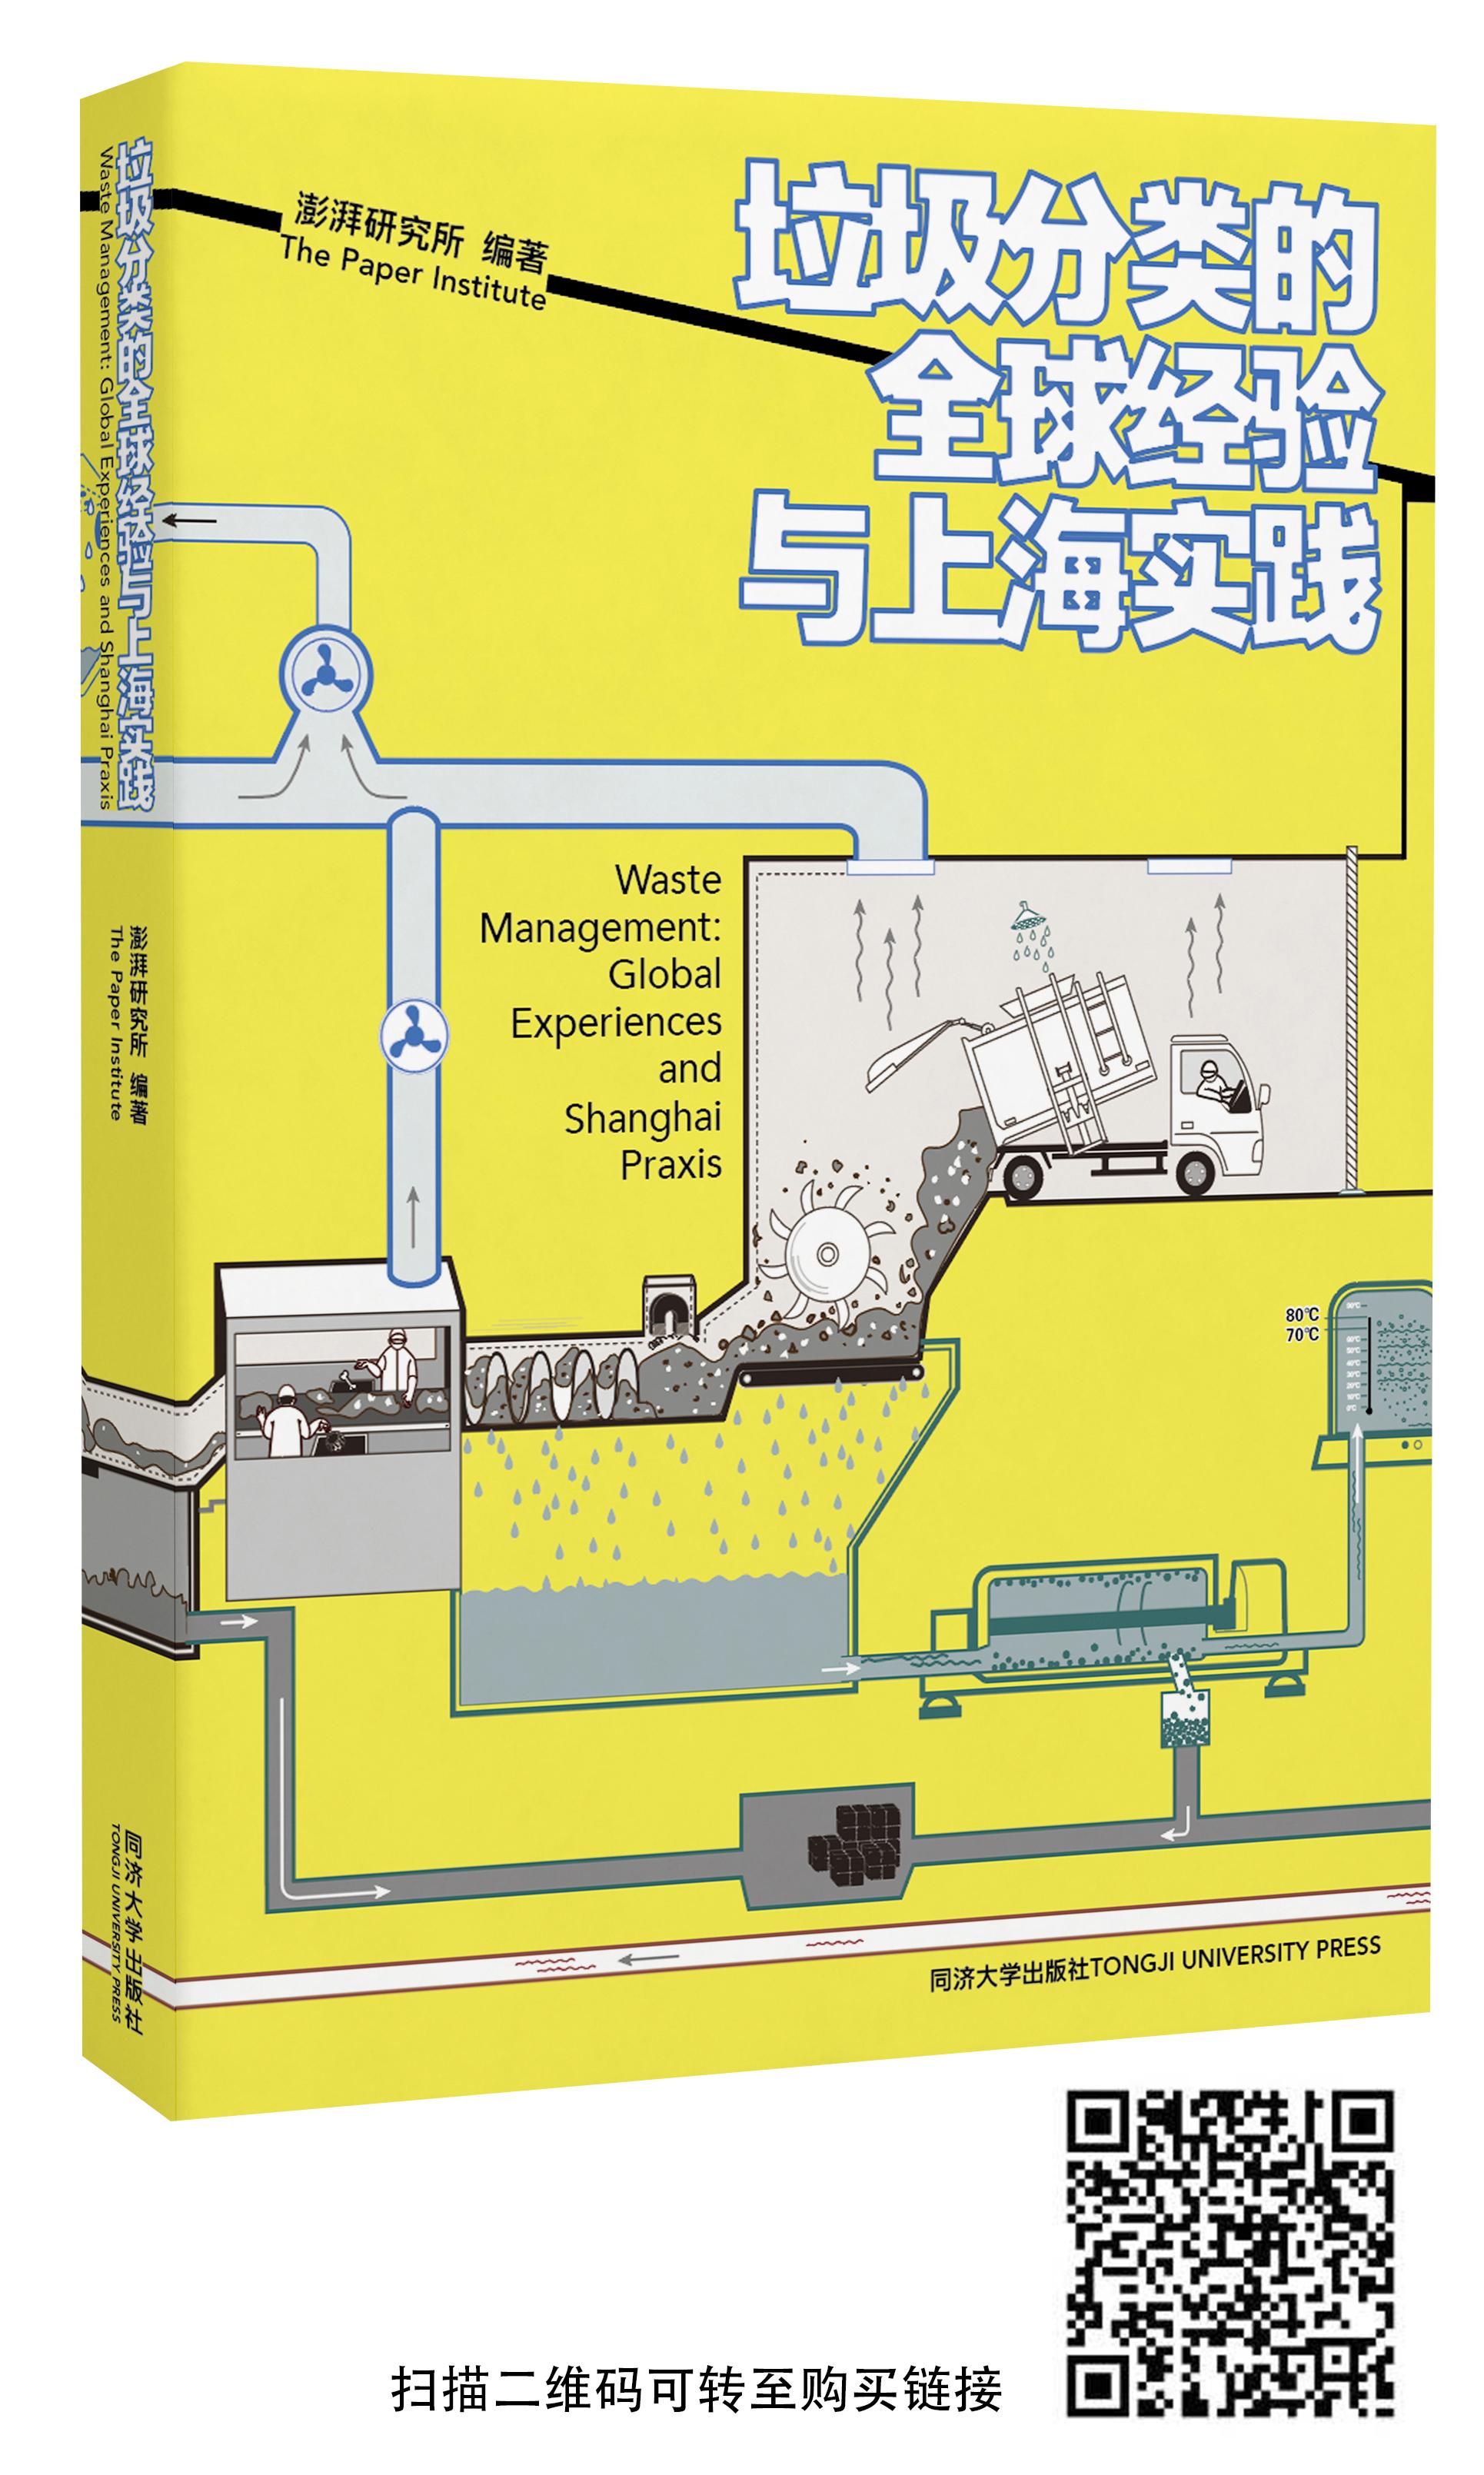 """由澎湃研究所编著的《垃圾分类的全球经验与上海实践》刚刚上市,请扫描二维码或关注微信公众号""""群岛丨Archipelago""""和""""同济大学出版社""""的微店。"""